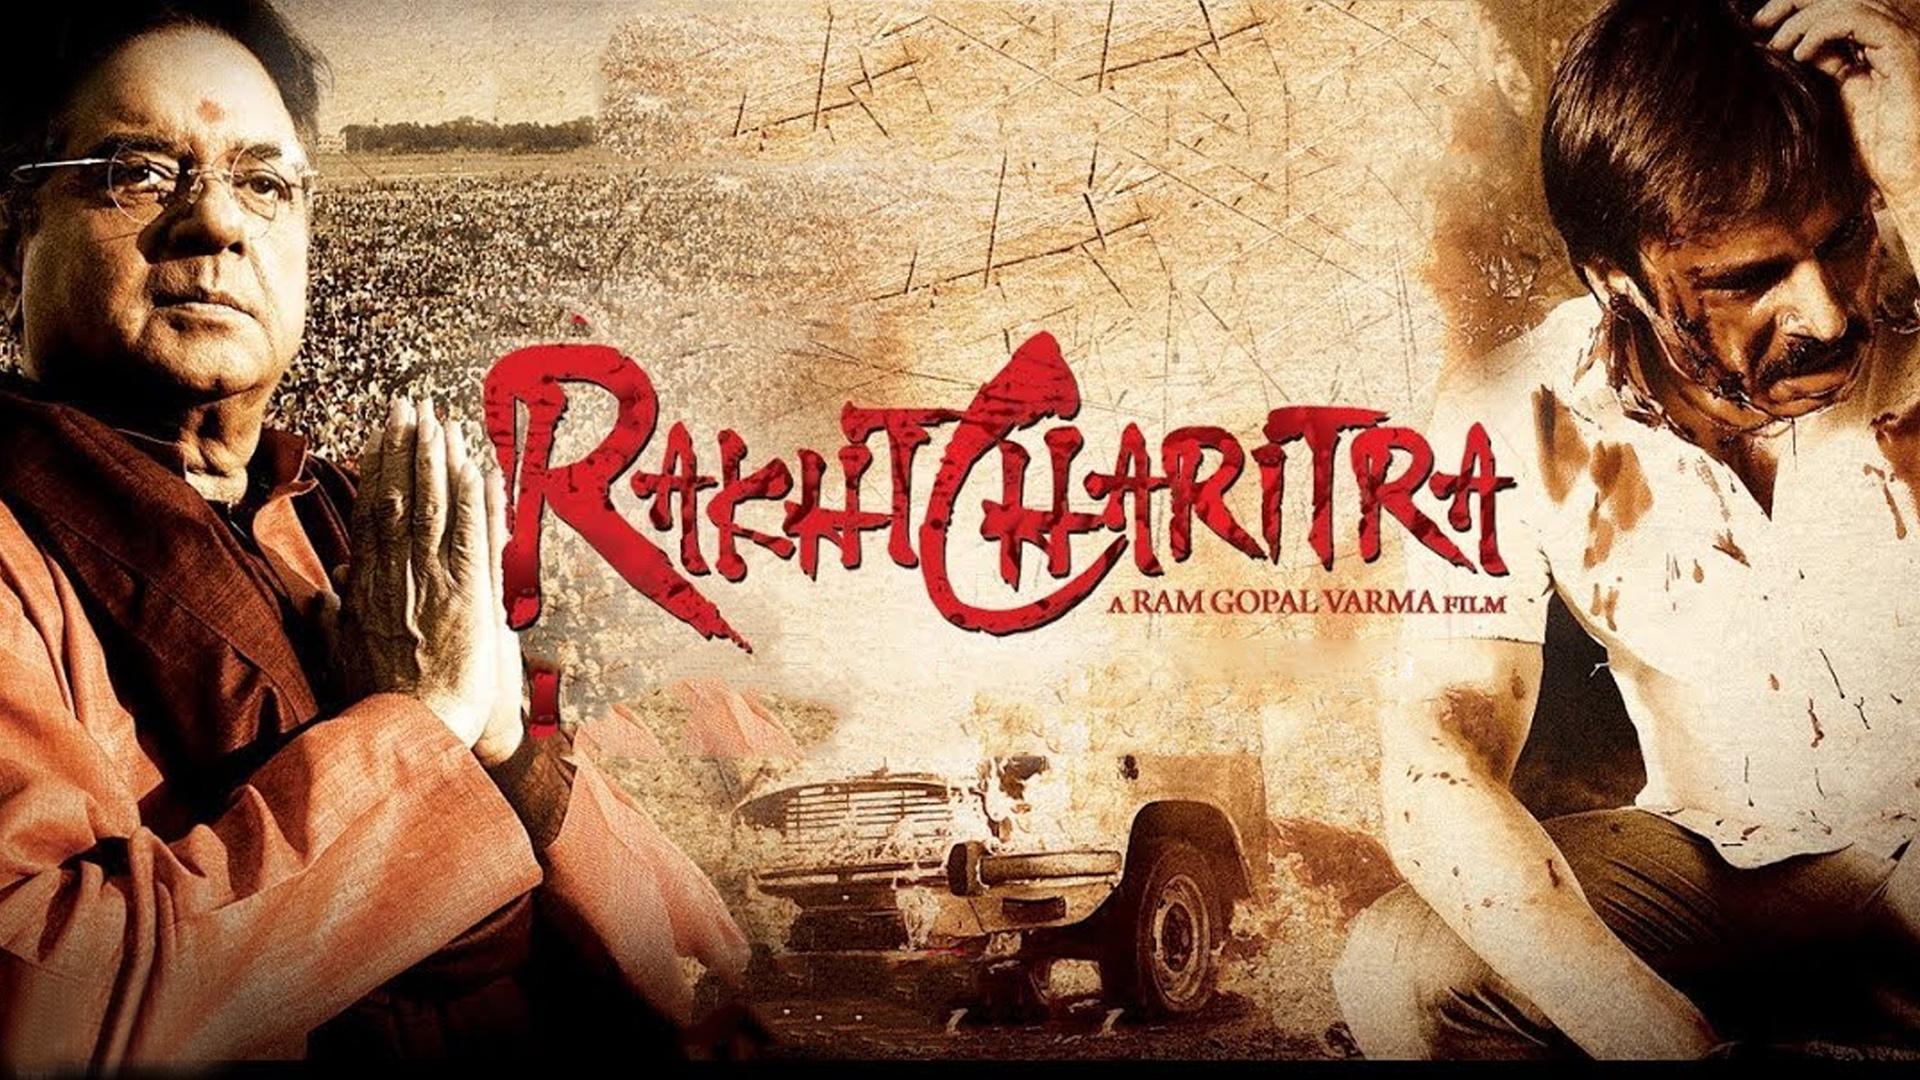 Rakta Charitra